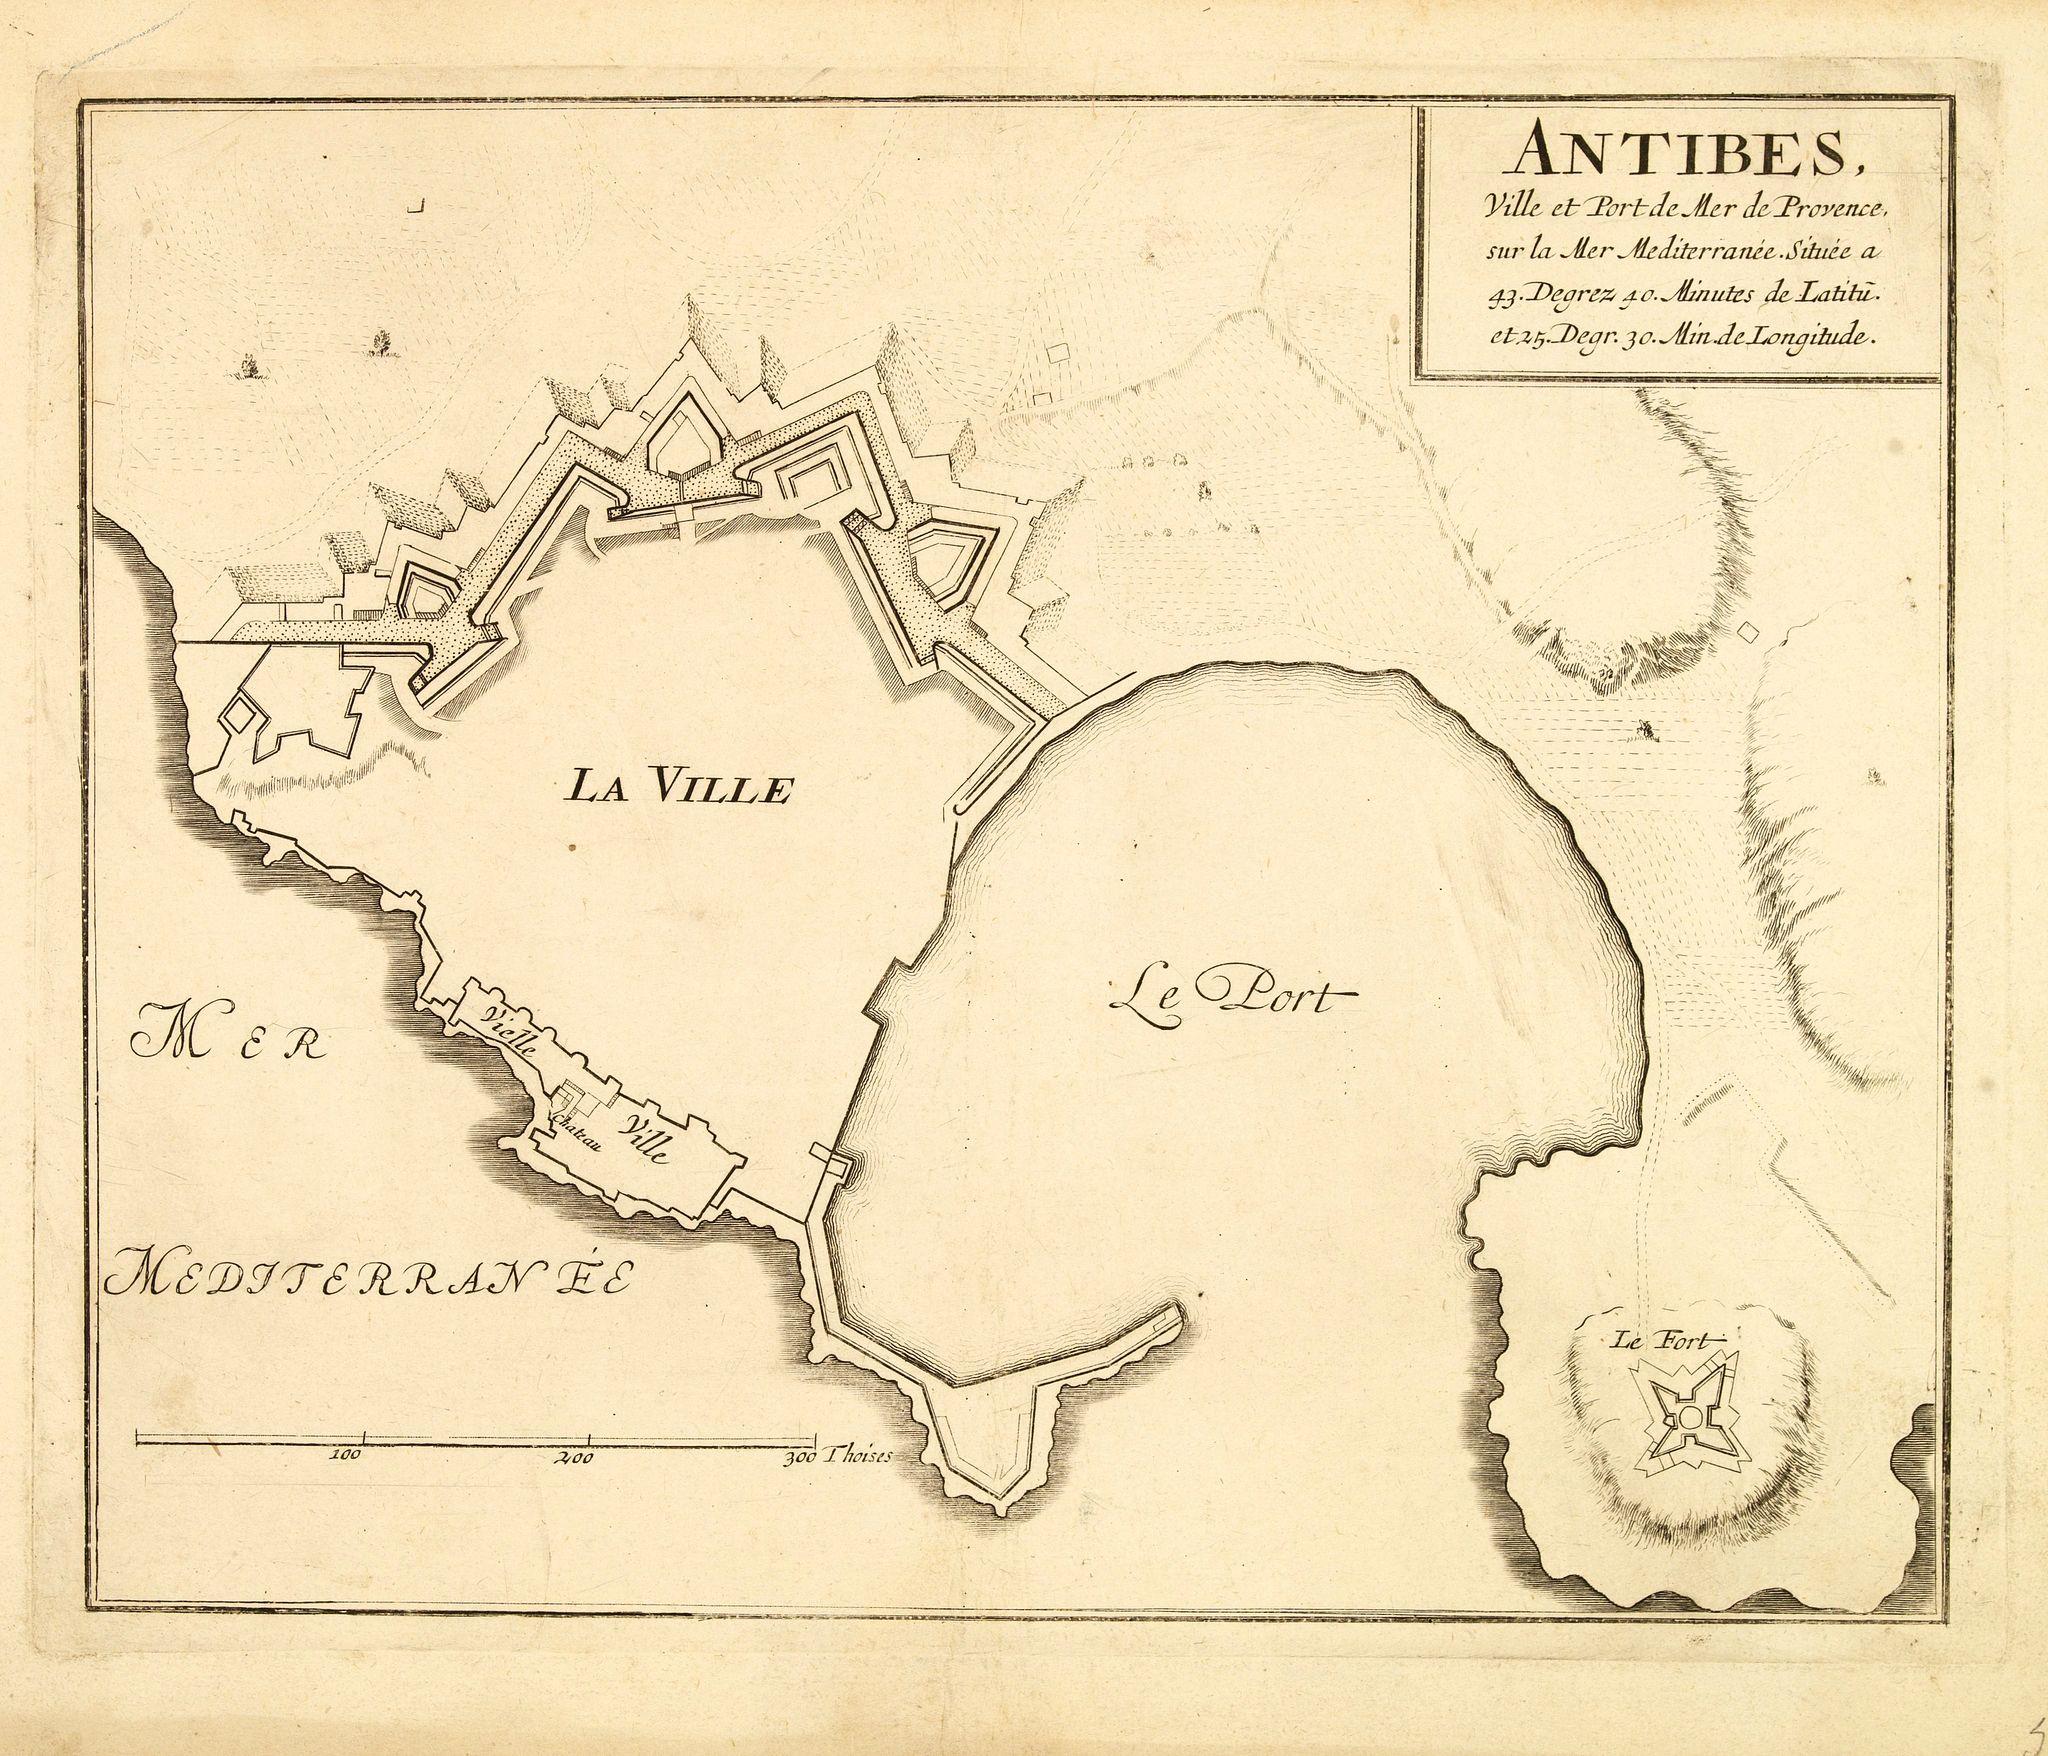 FER de, N. -  ANTIBES, Ville et Port de Mer de Provence, sur la Mer Mediterranée.